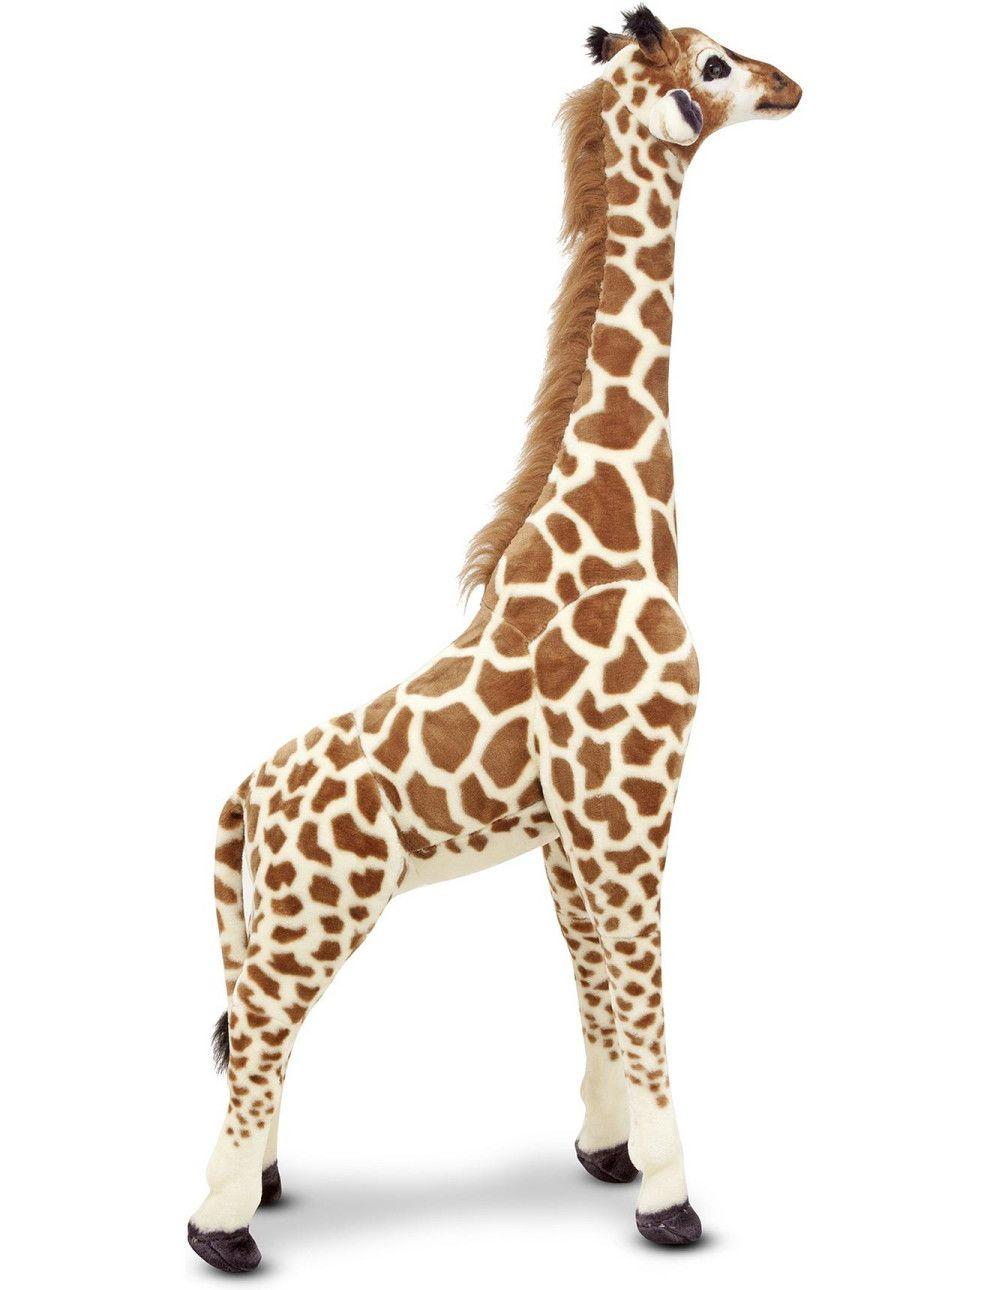 Giant Plush Giraffe David Jones For The Home Giraffe